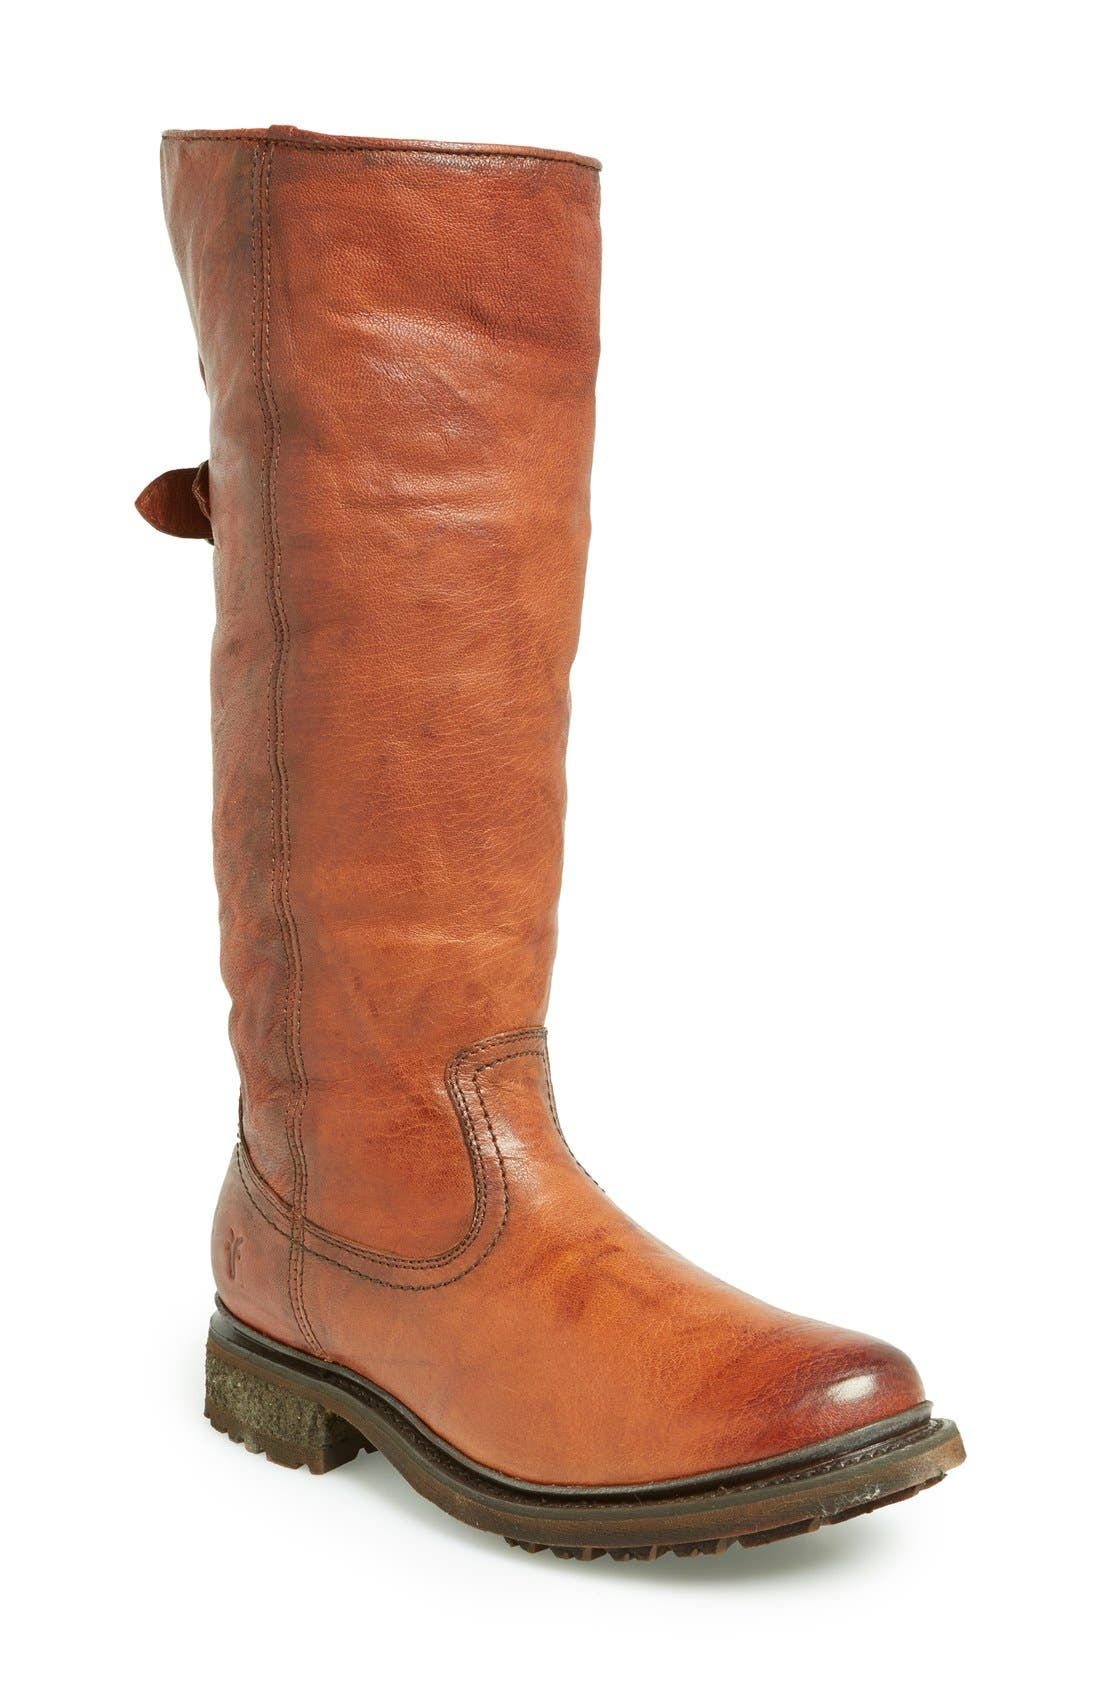 Alternate Image 1 Selected - Frye 'Valerie' Pull On Shearling Boot (Women)